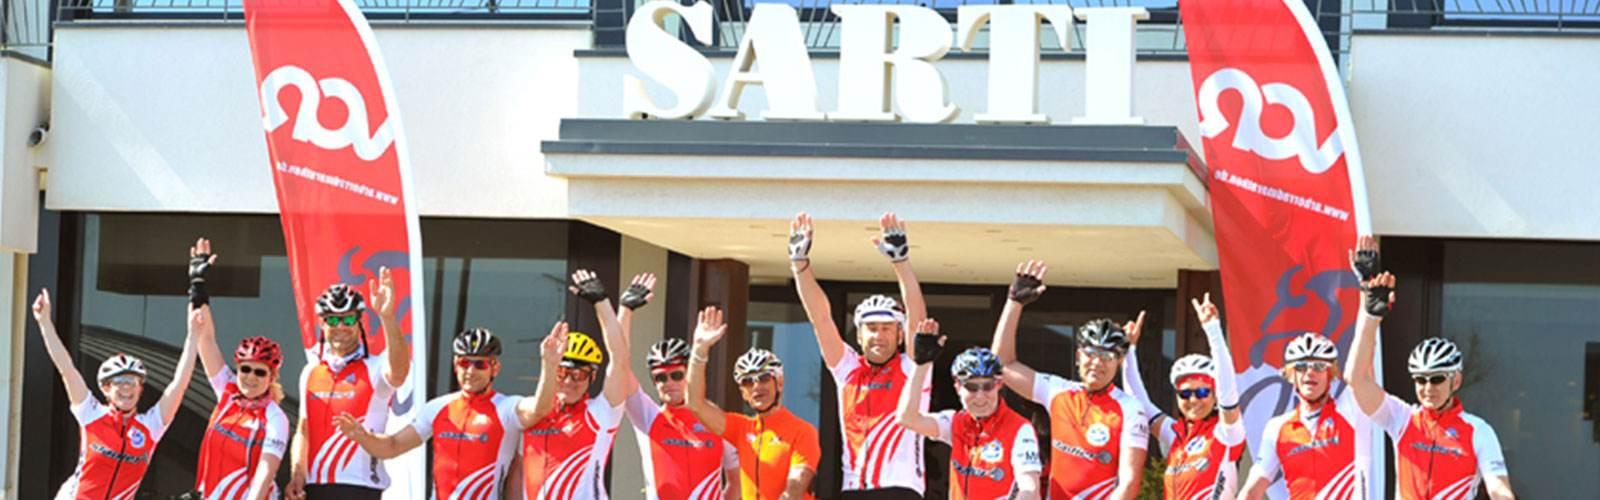 Bike-Hotel-Sarti-5